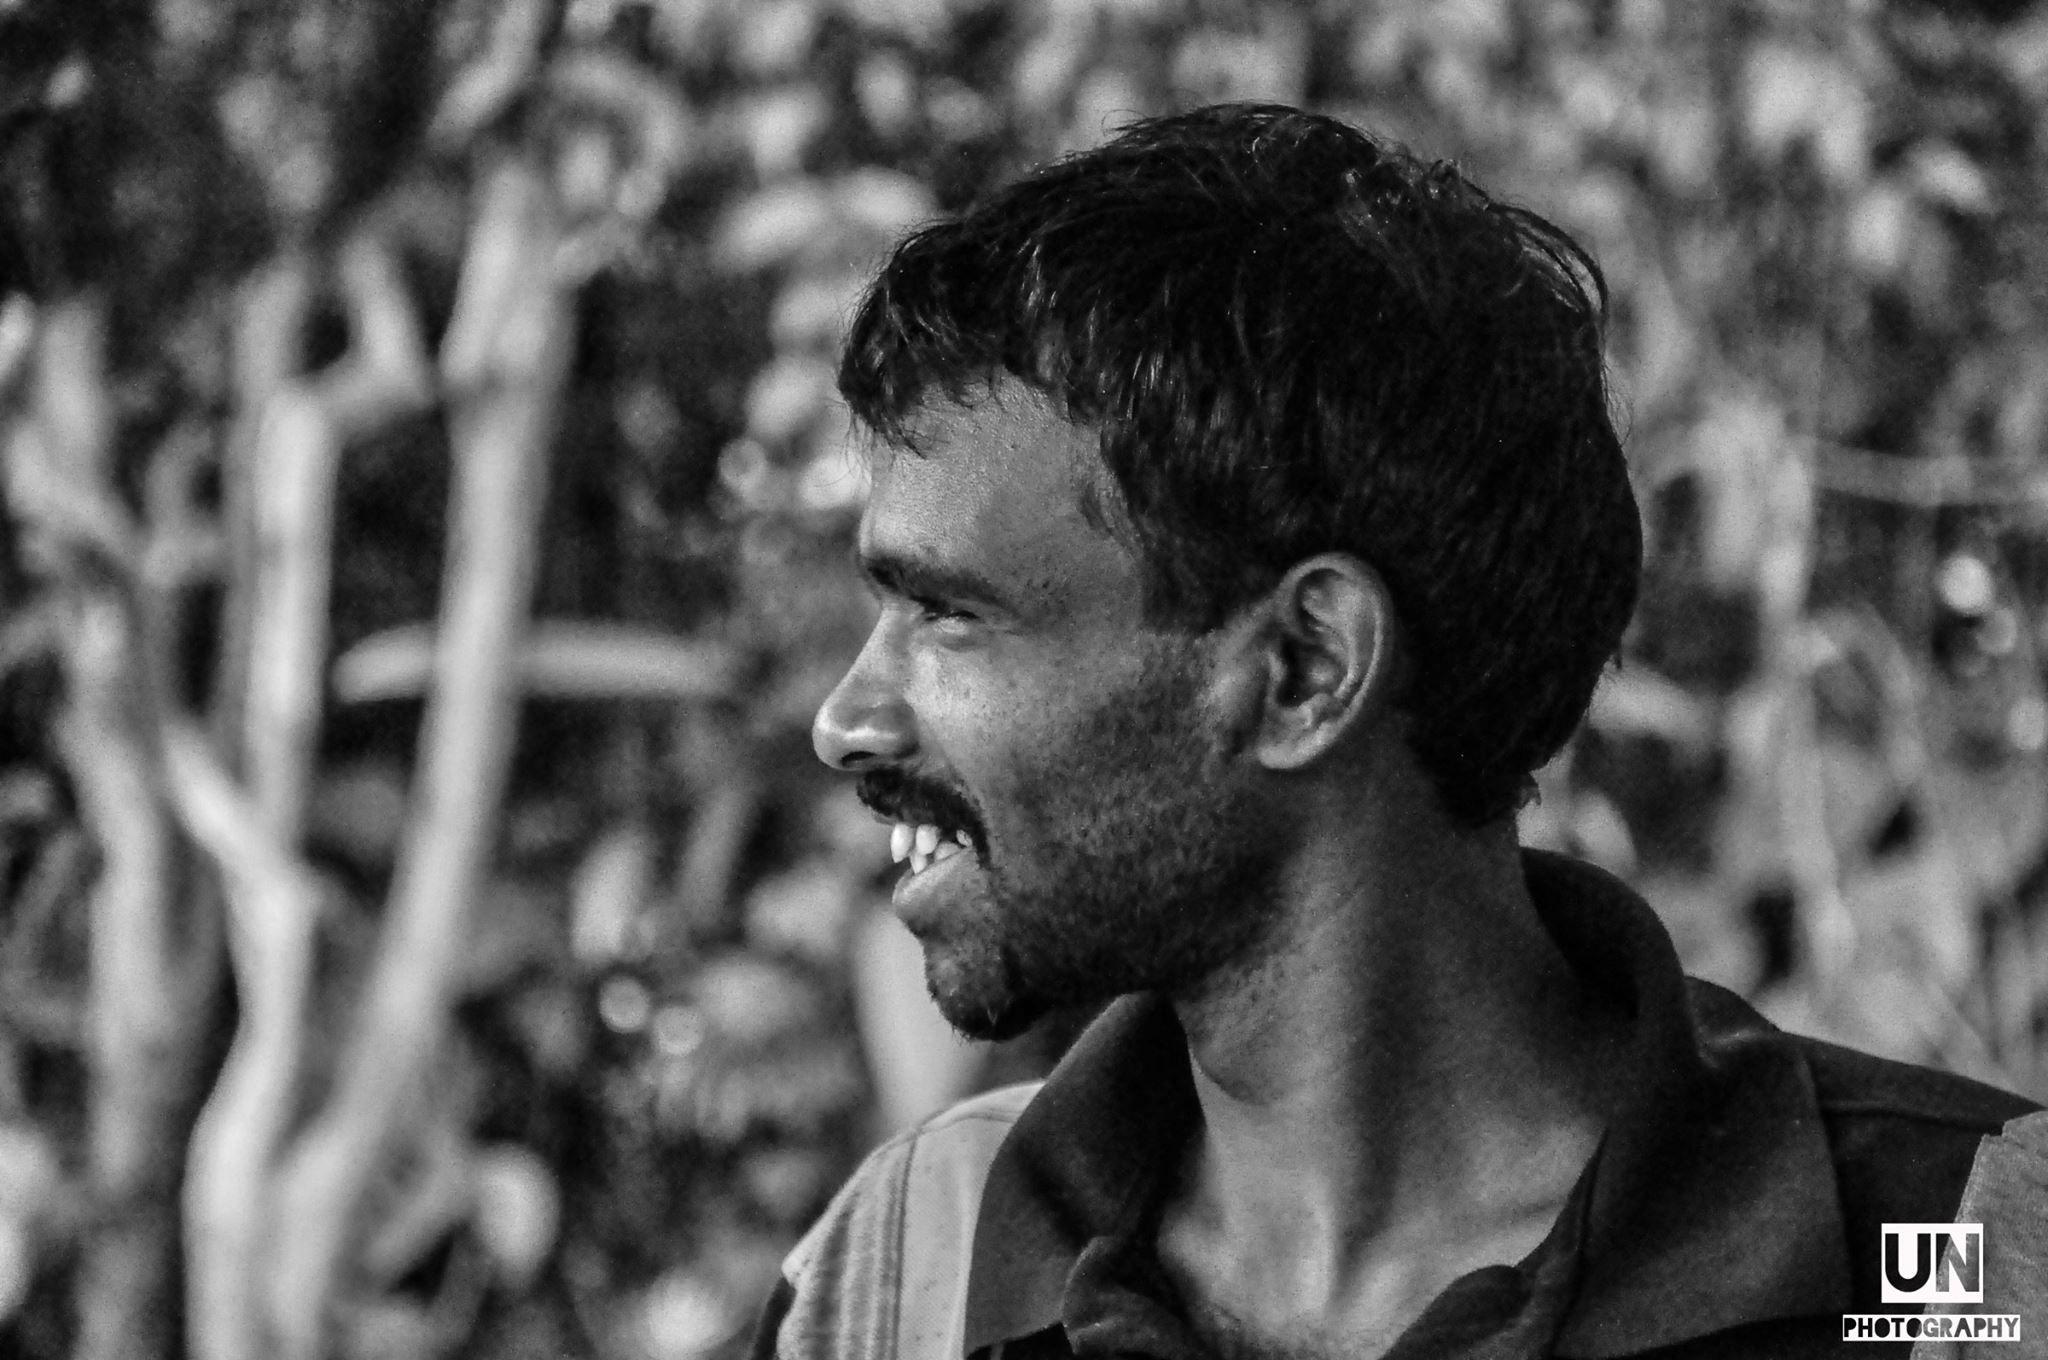 Smile by Udana Nandun Colambage